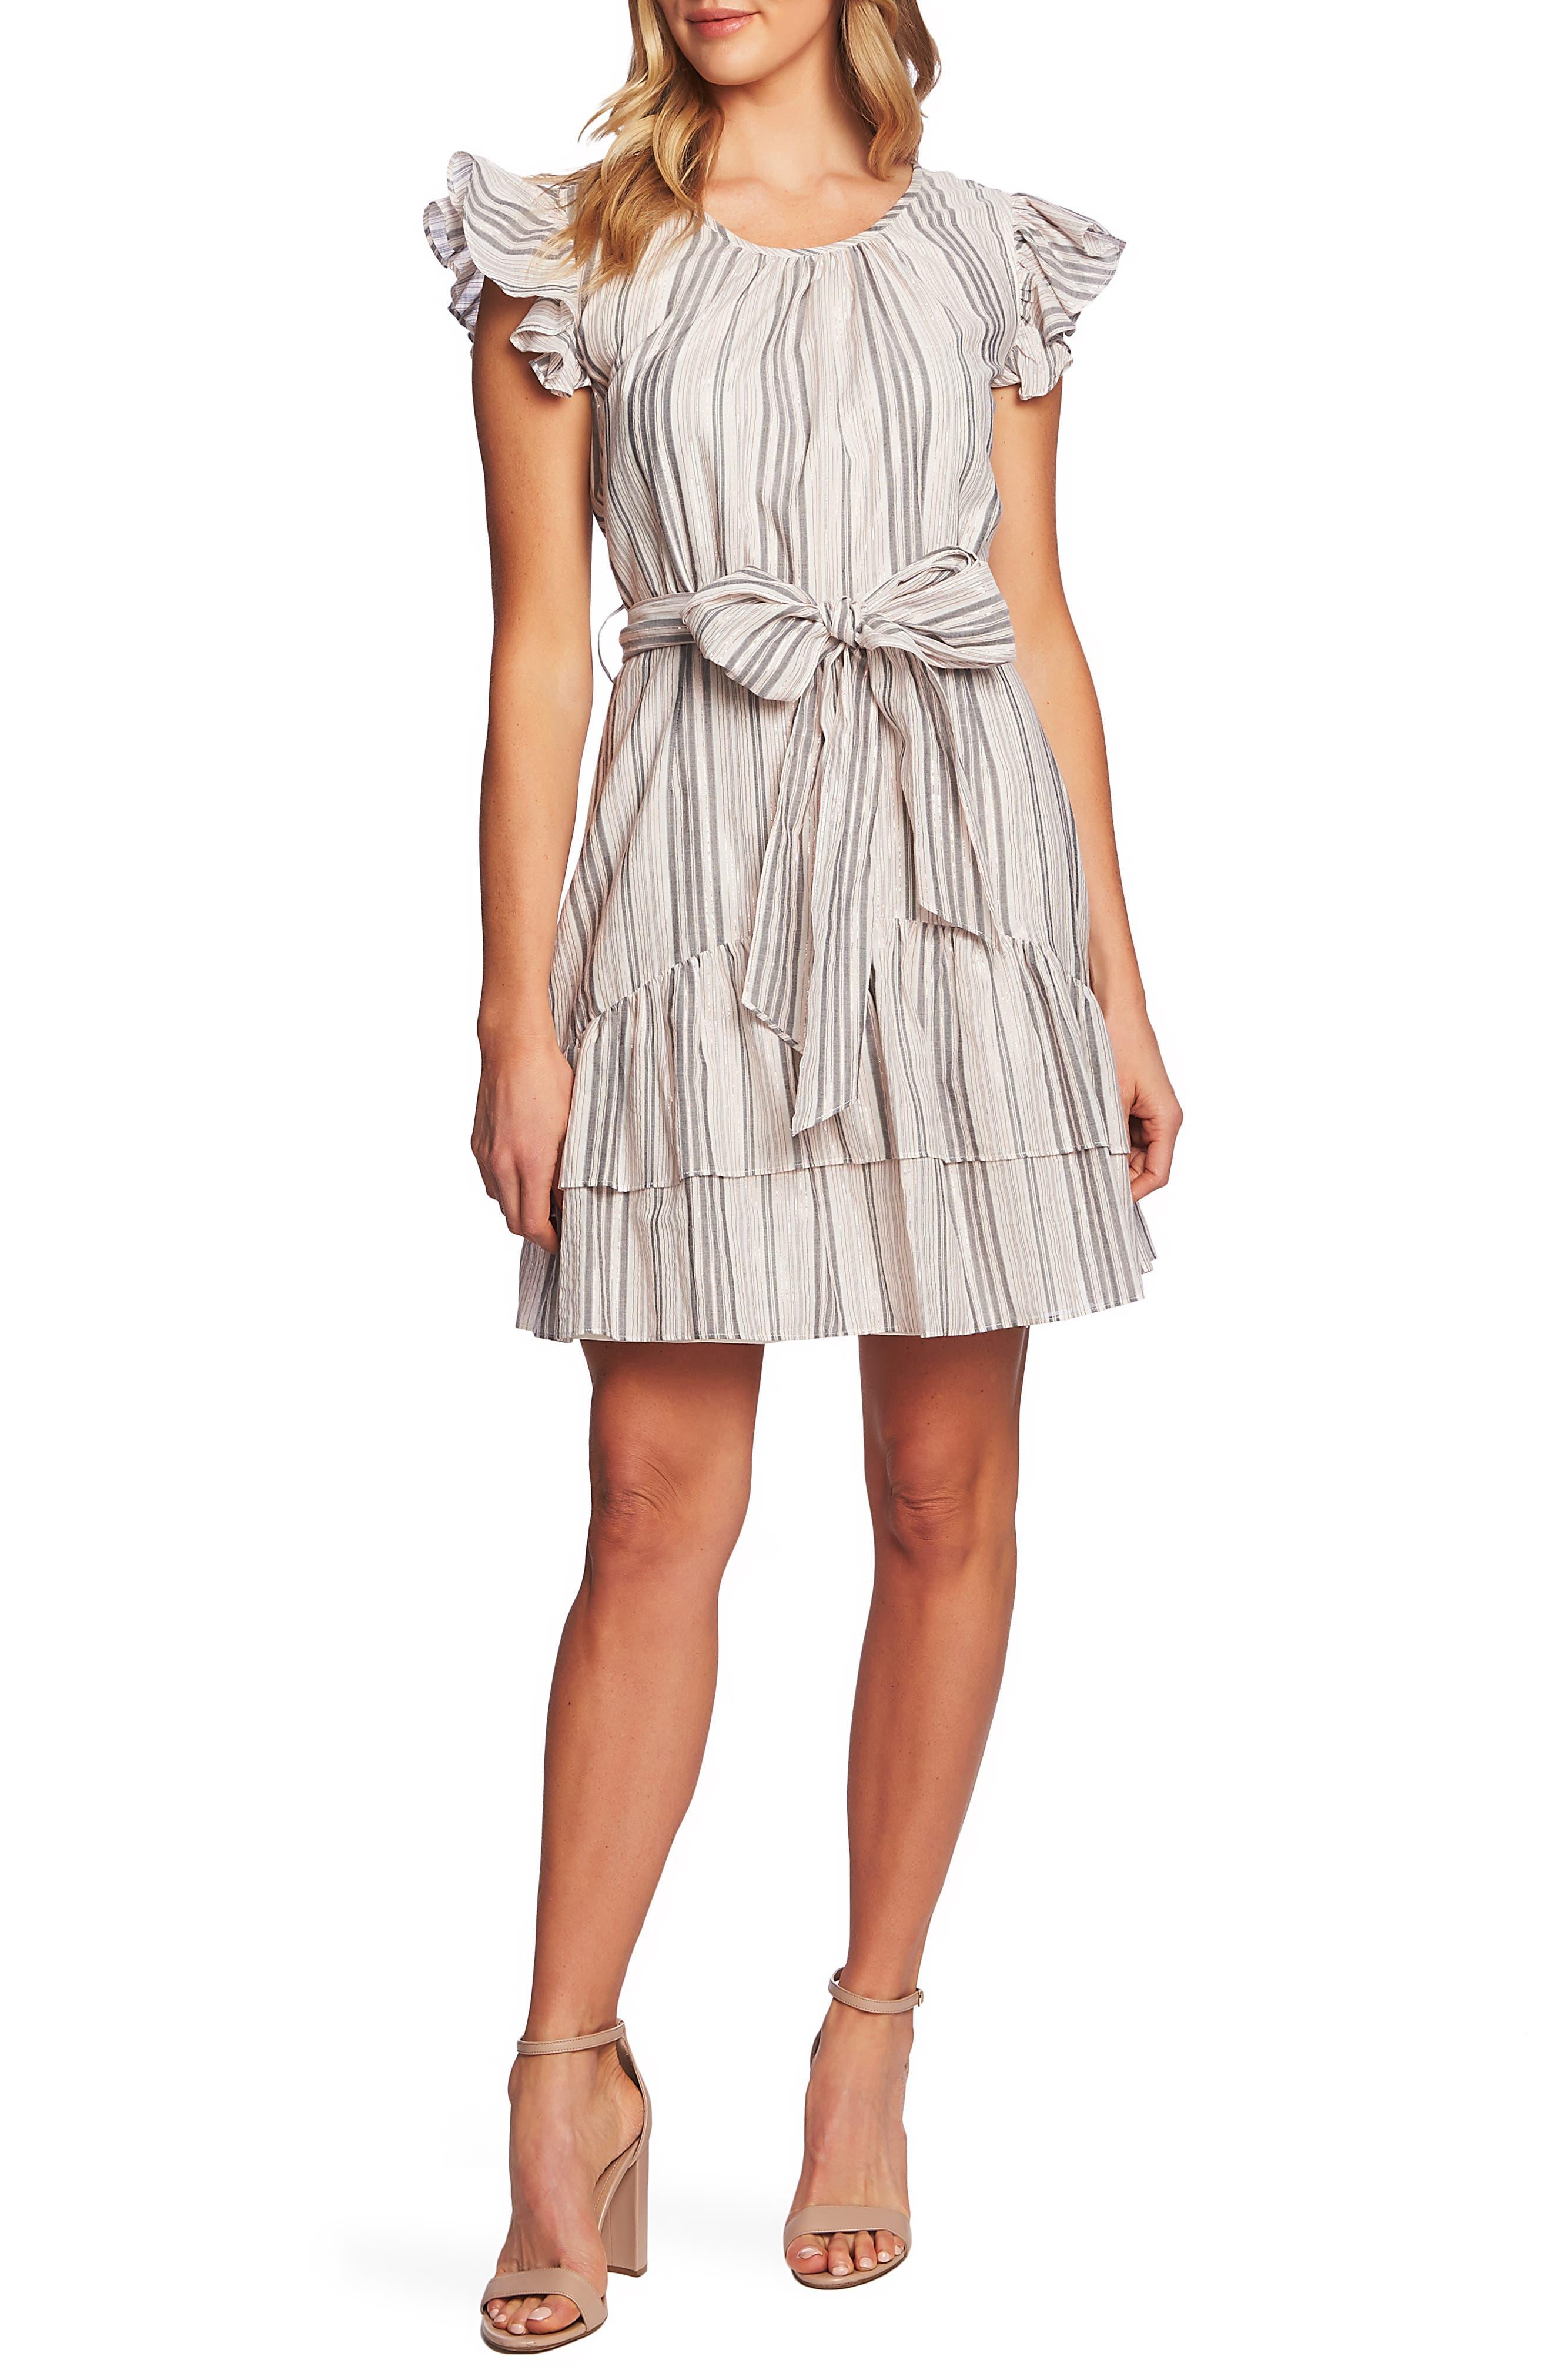 CECE Ruffle Flutter Sleeve Dress, Main, color, SOFT ECRU